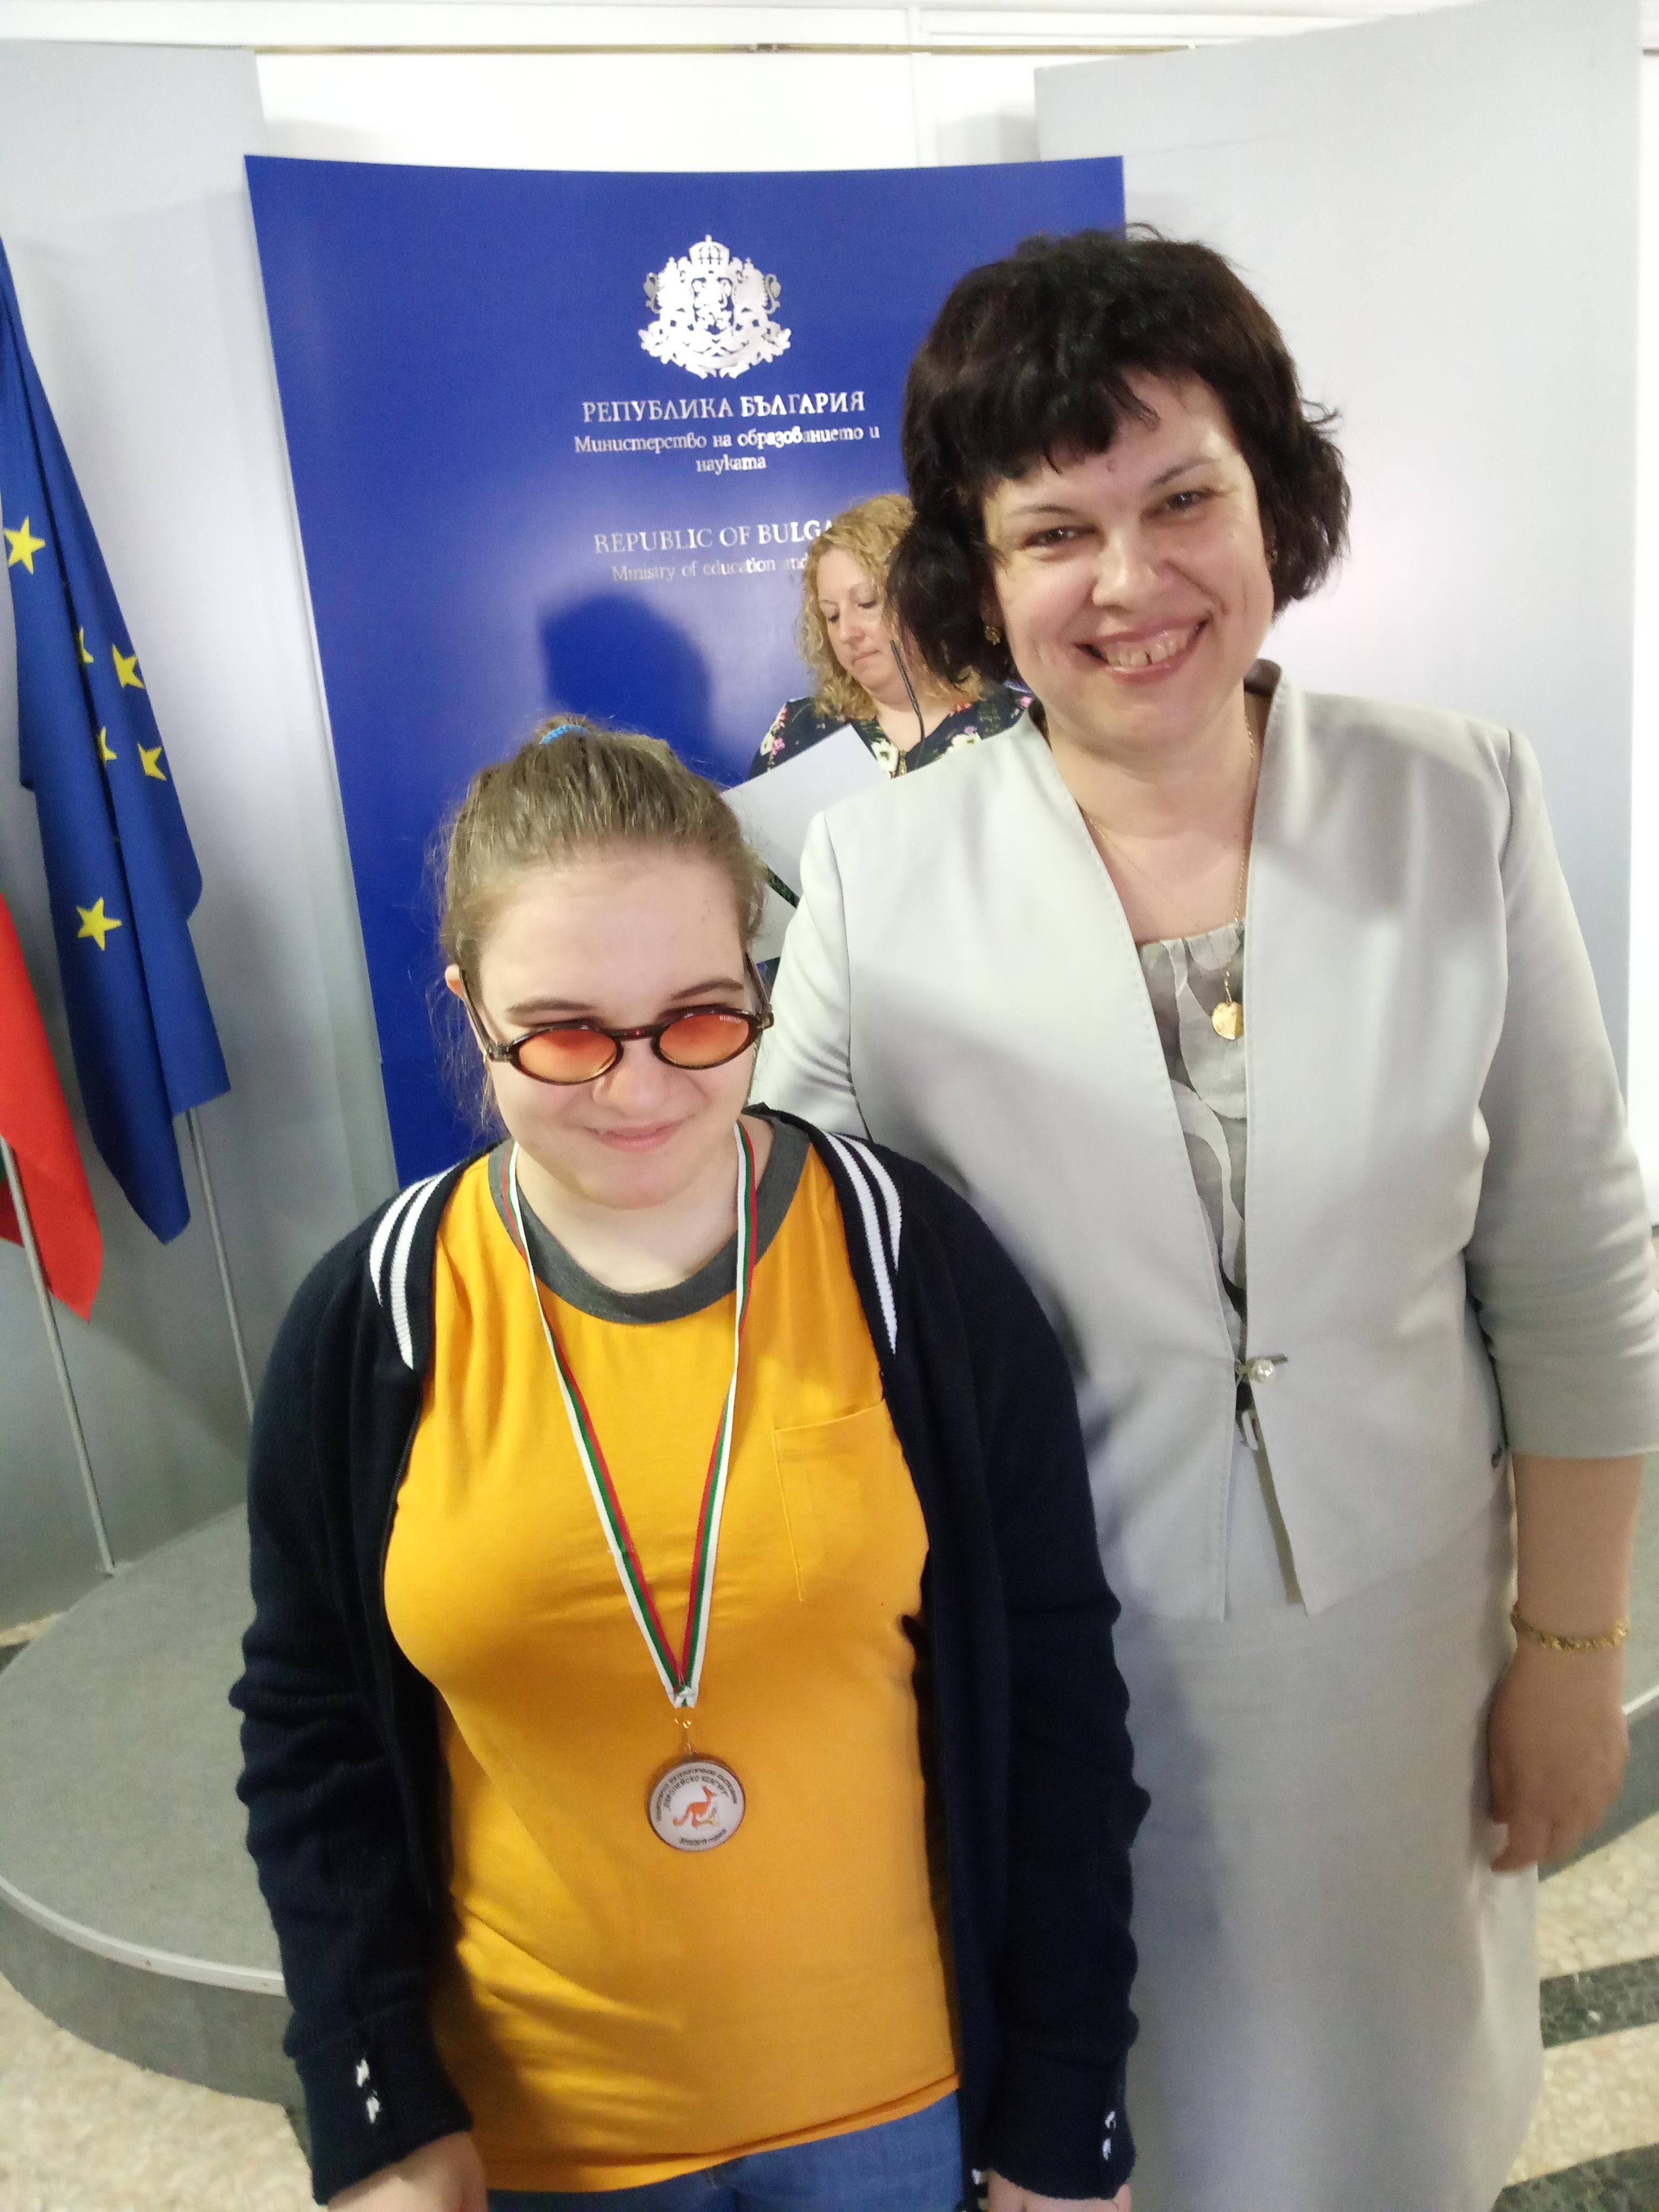 Станимира Пейчева със заместник-министър г-жа Таня Михайлова